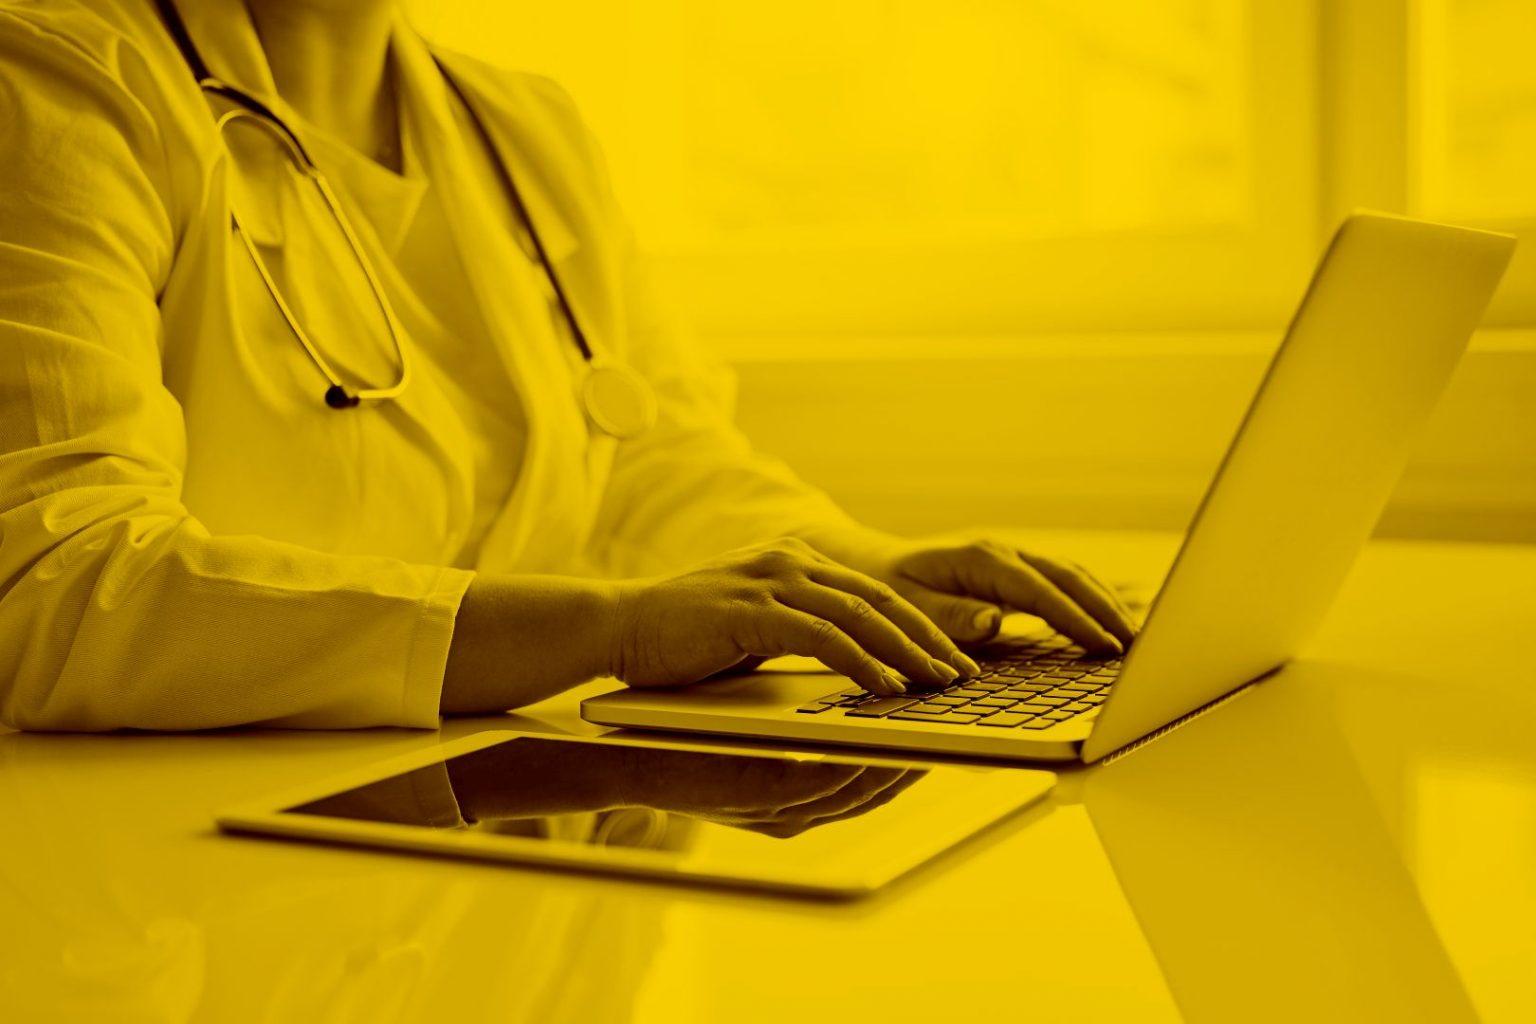 Ärztin auf Macbook mit Dakota in der maja.cloud